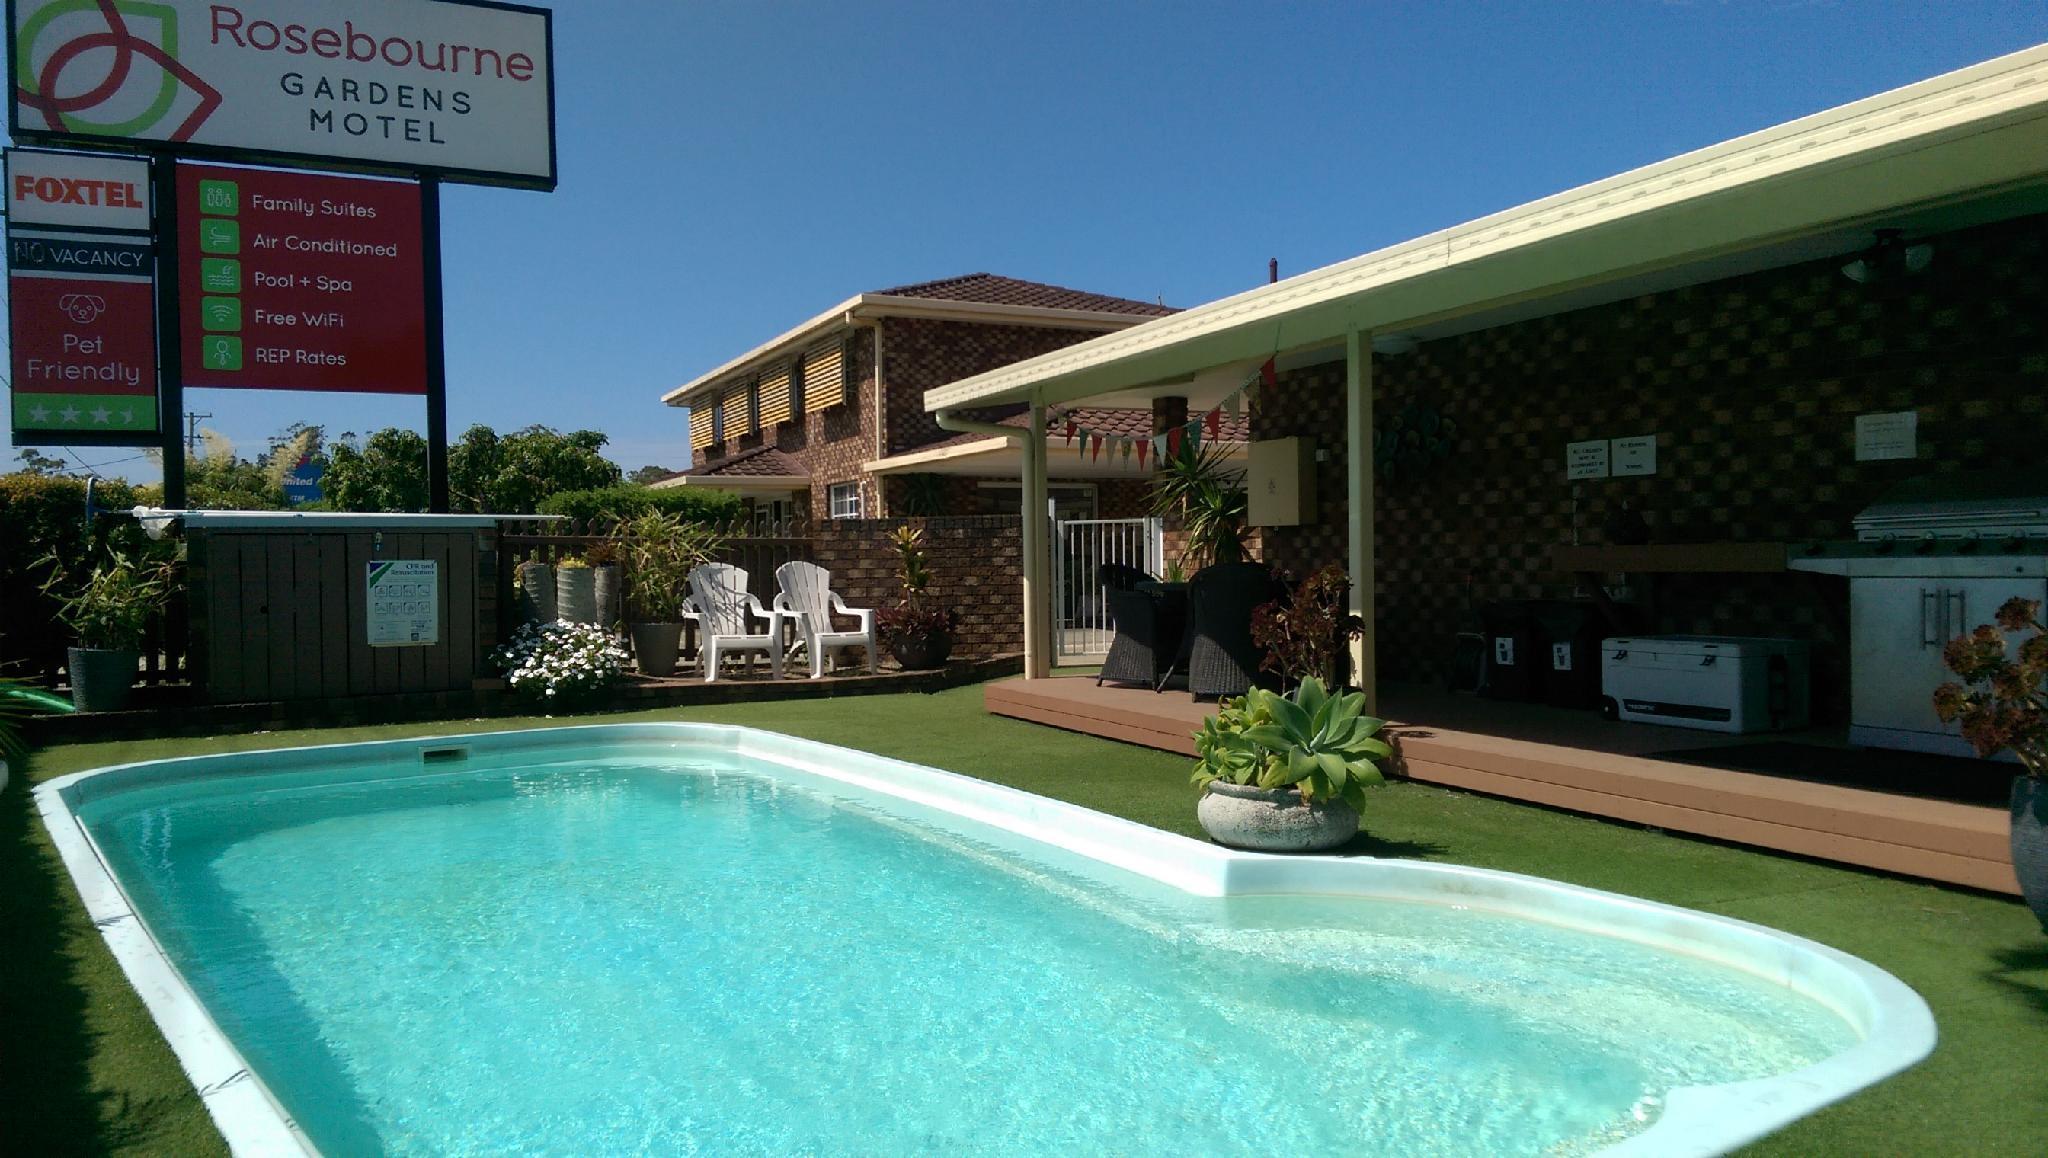 Rosebourne Gardens Motel, Coffs Harbour - Pt B